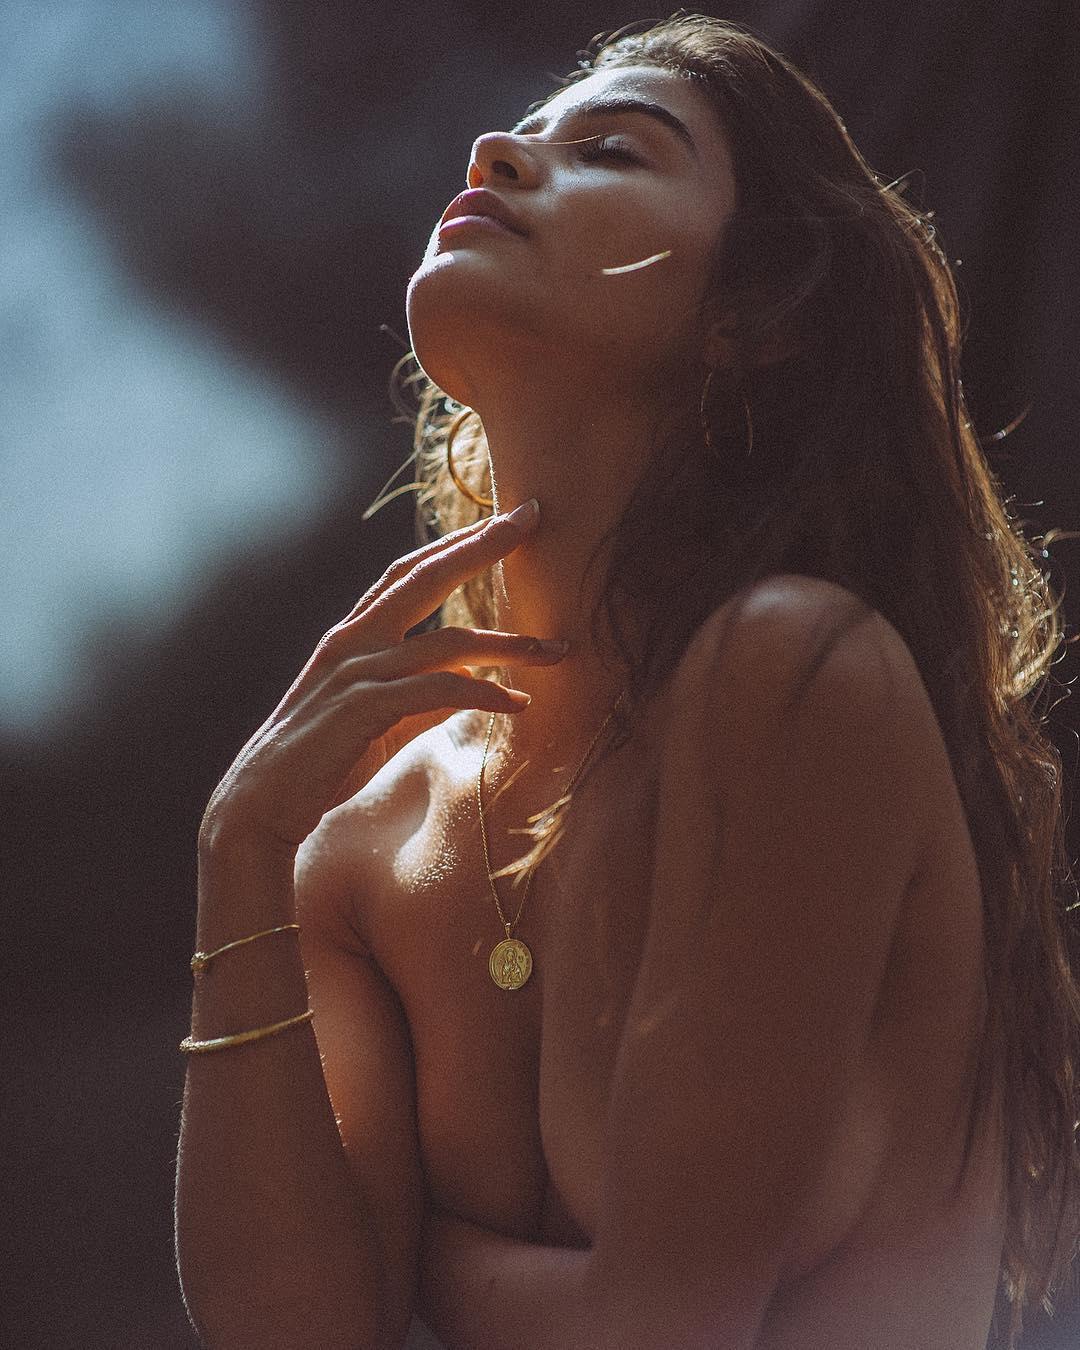 Чувственные снимки девушек от Дейвиса Малты